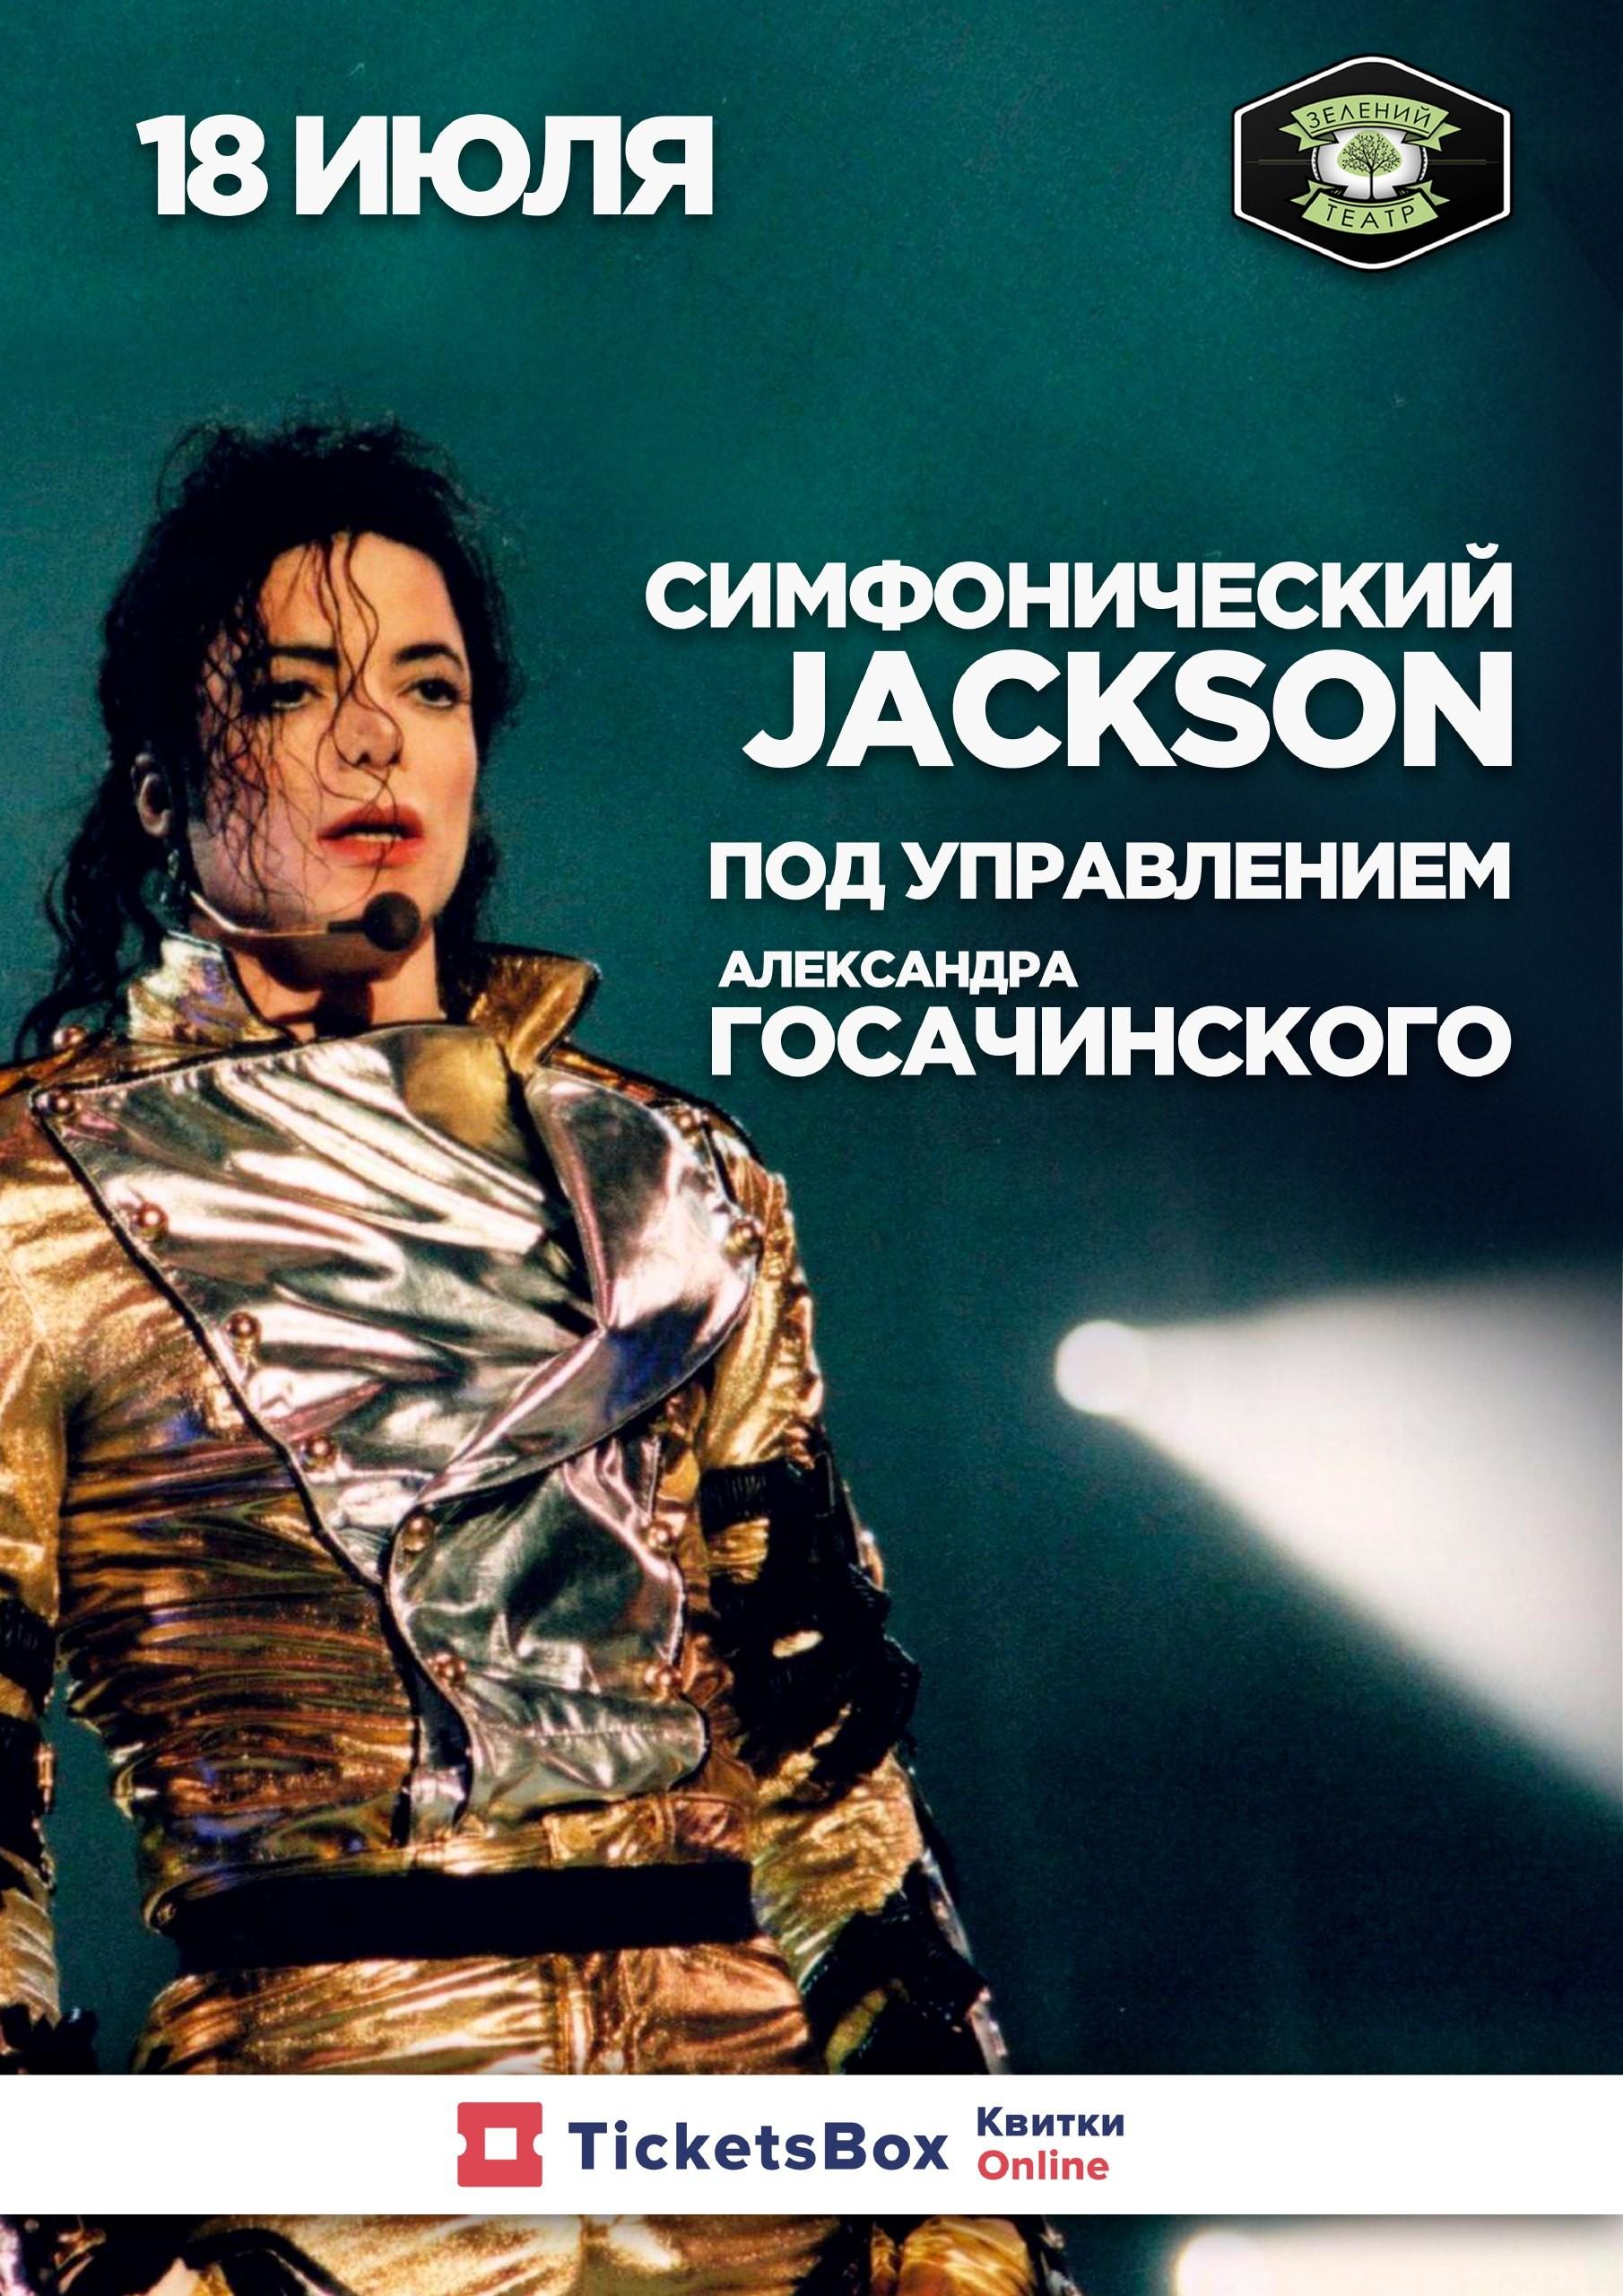 Билеты Симфонический Jackson